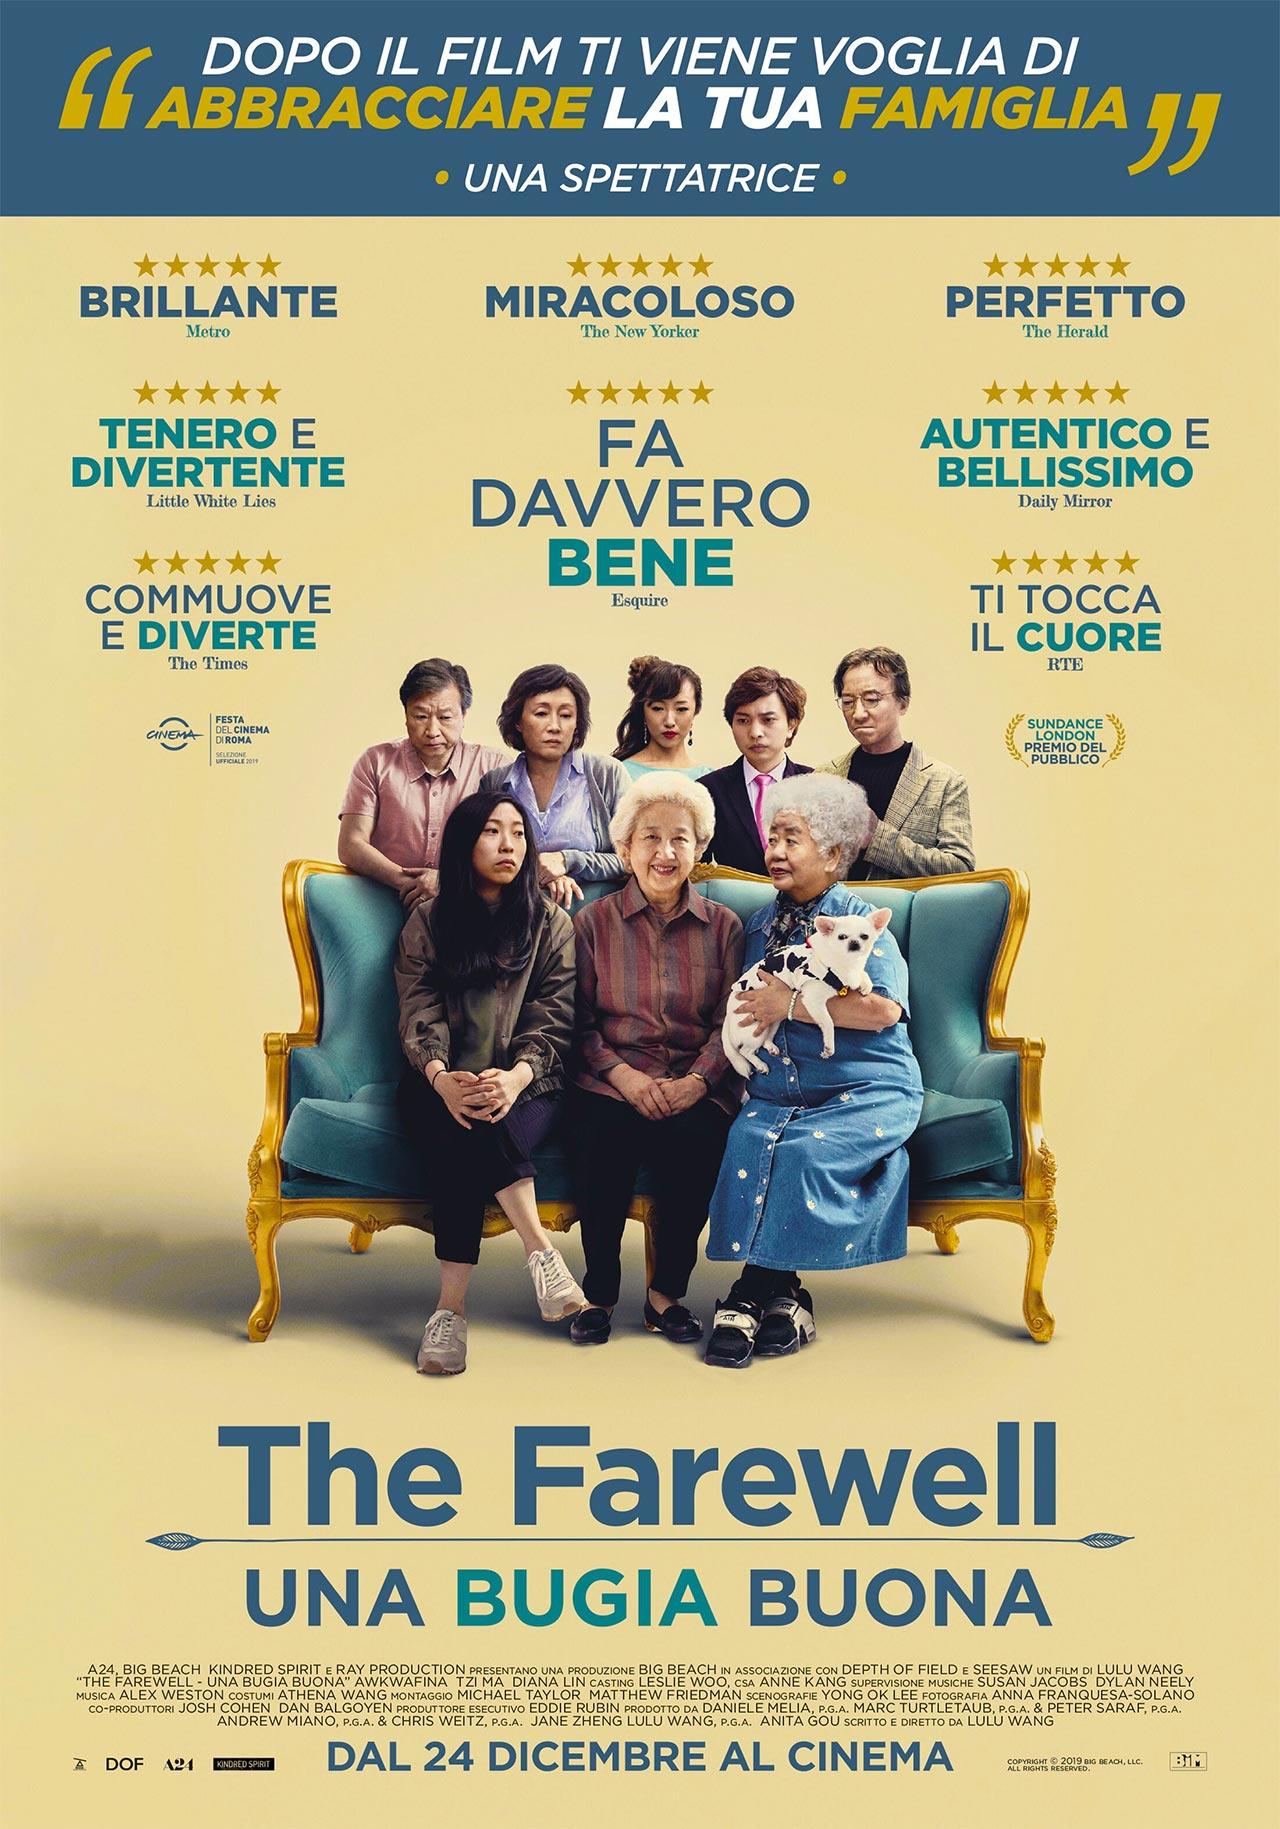 The Farewell - Una bugia buona, il trailer e il poster italiani ...